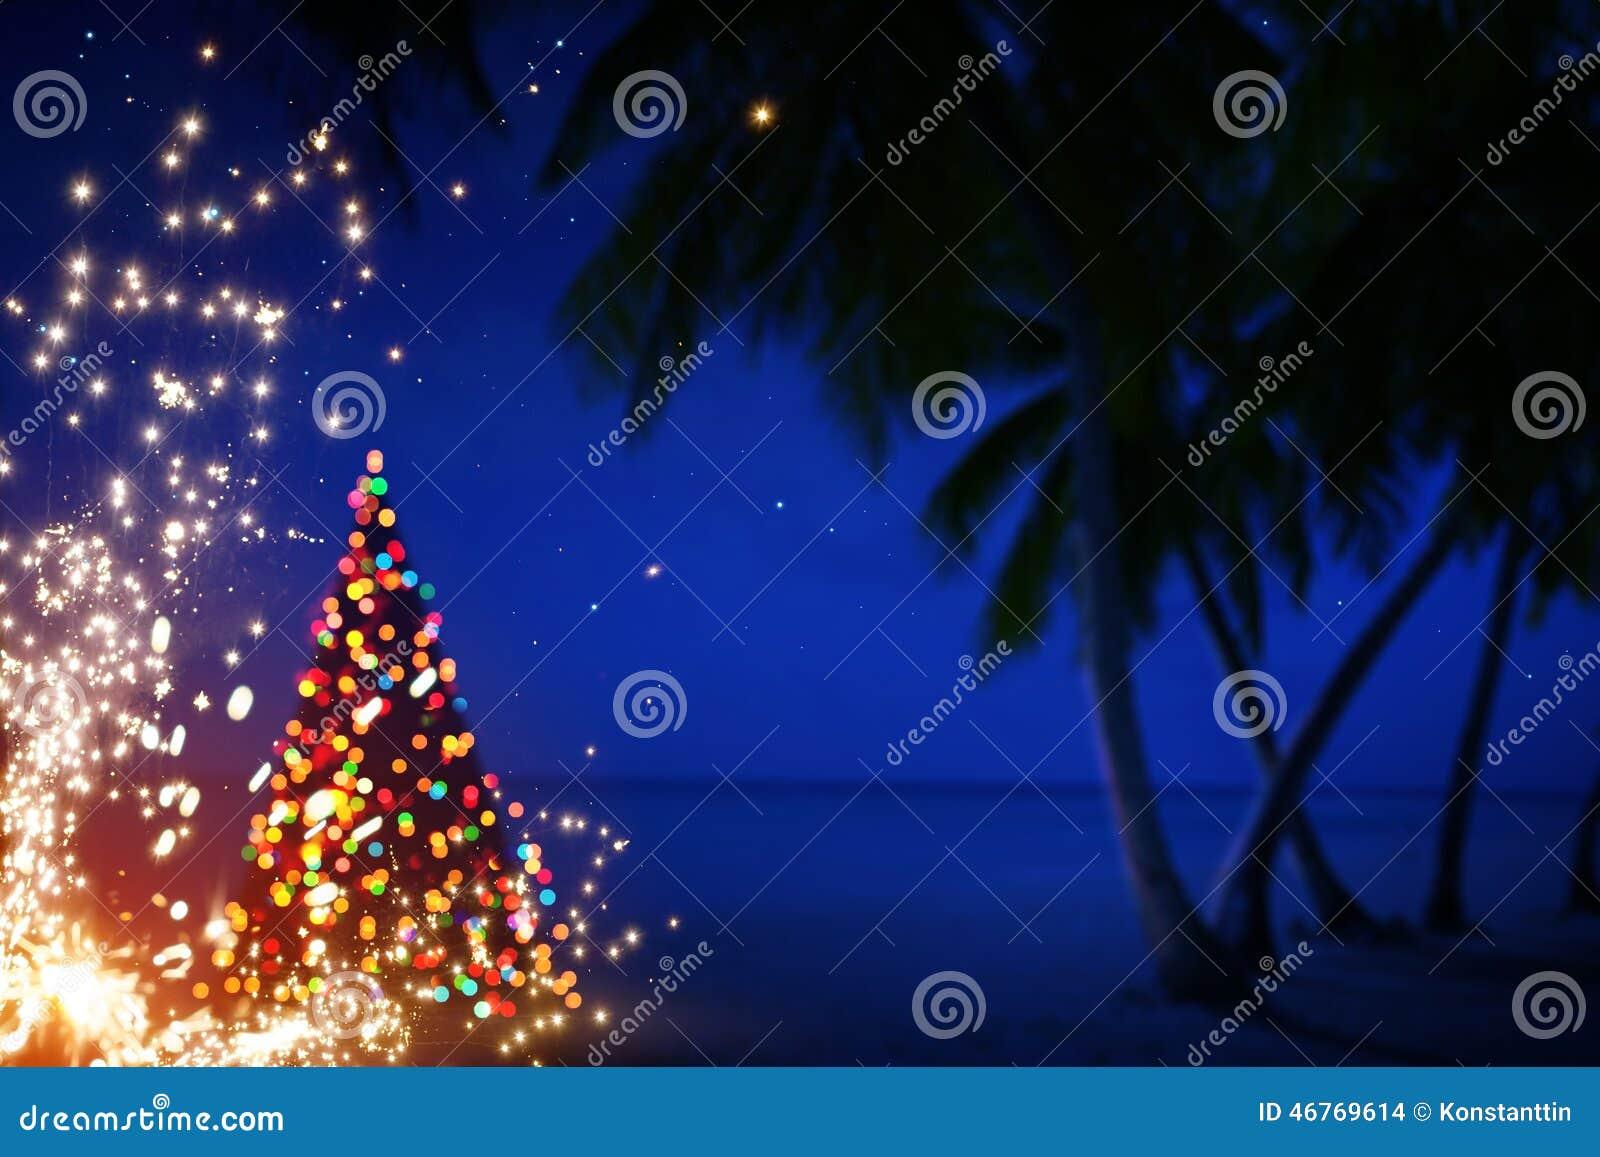 Art Christmas in Hawaii